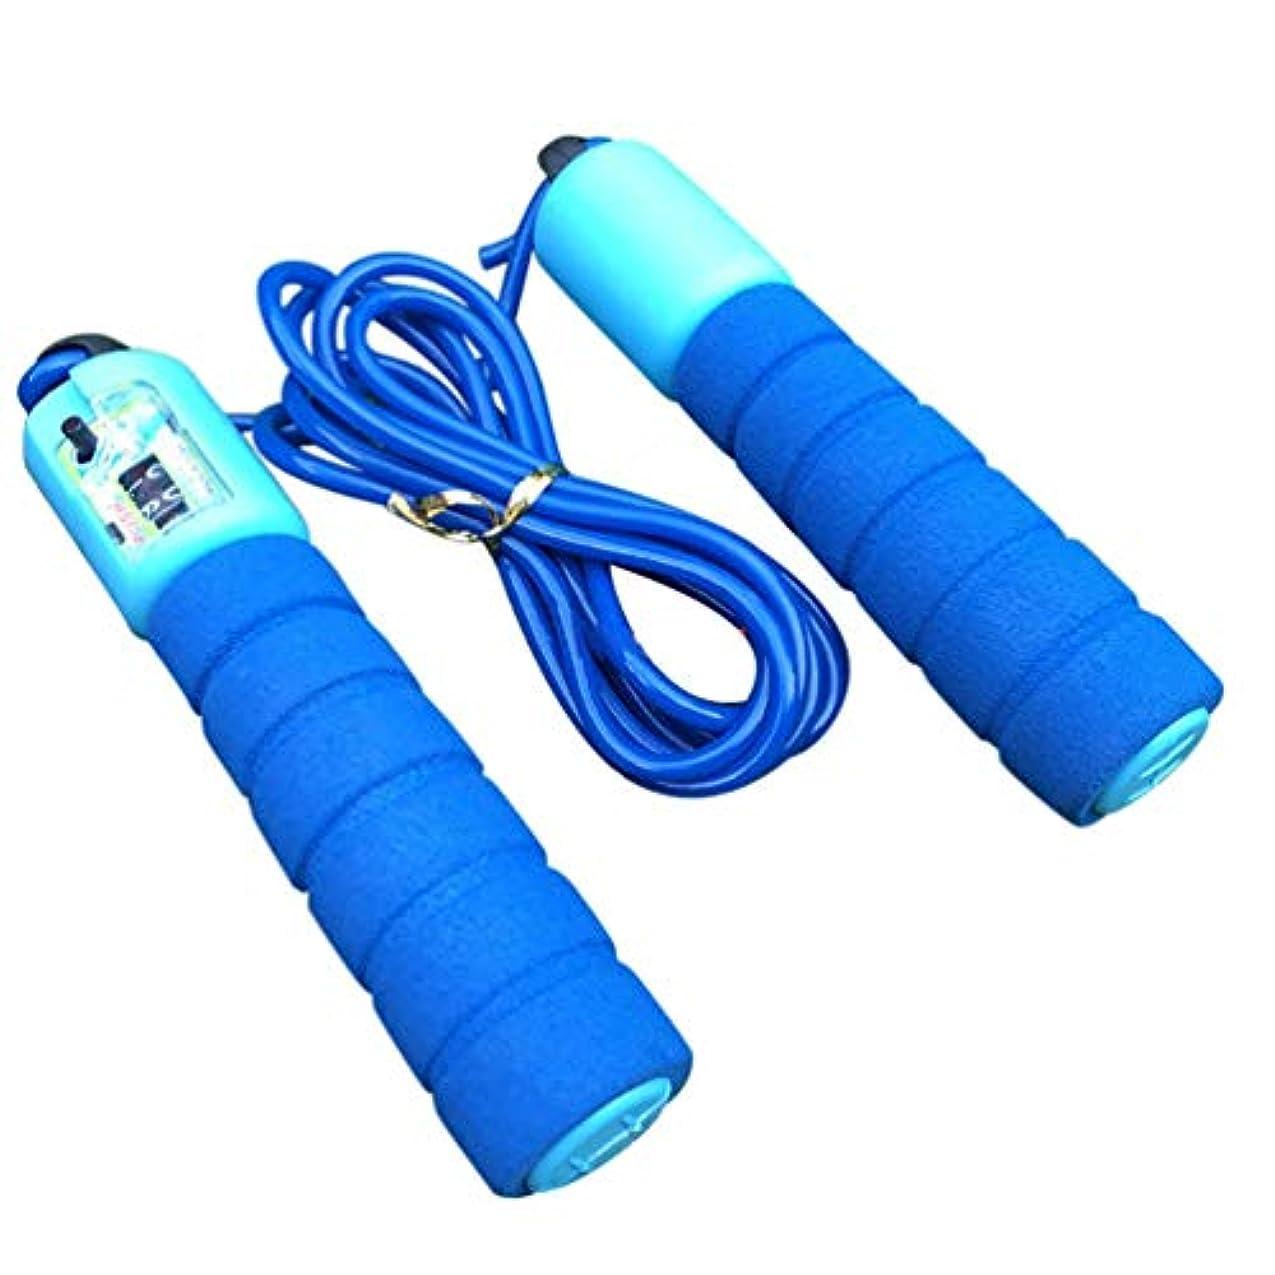 精神勝利した気質調整可能なプロフェッショナルカウント縄跳び自動カウントジャンプロープフィットネス運動高速カウントジャンプロープ - 青